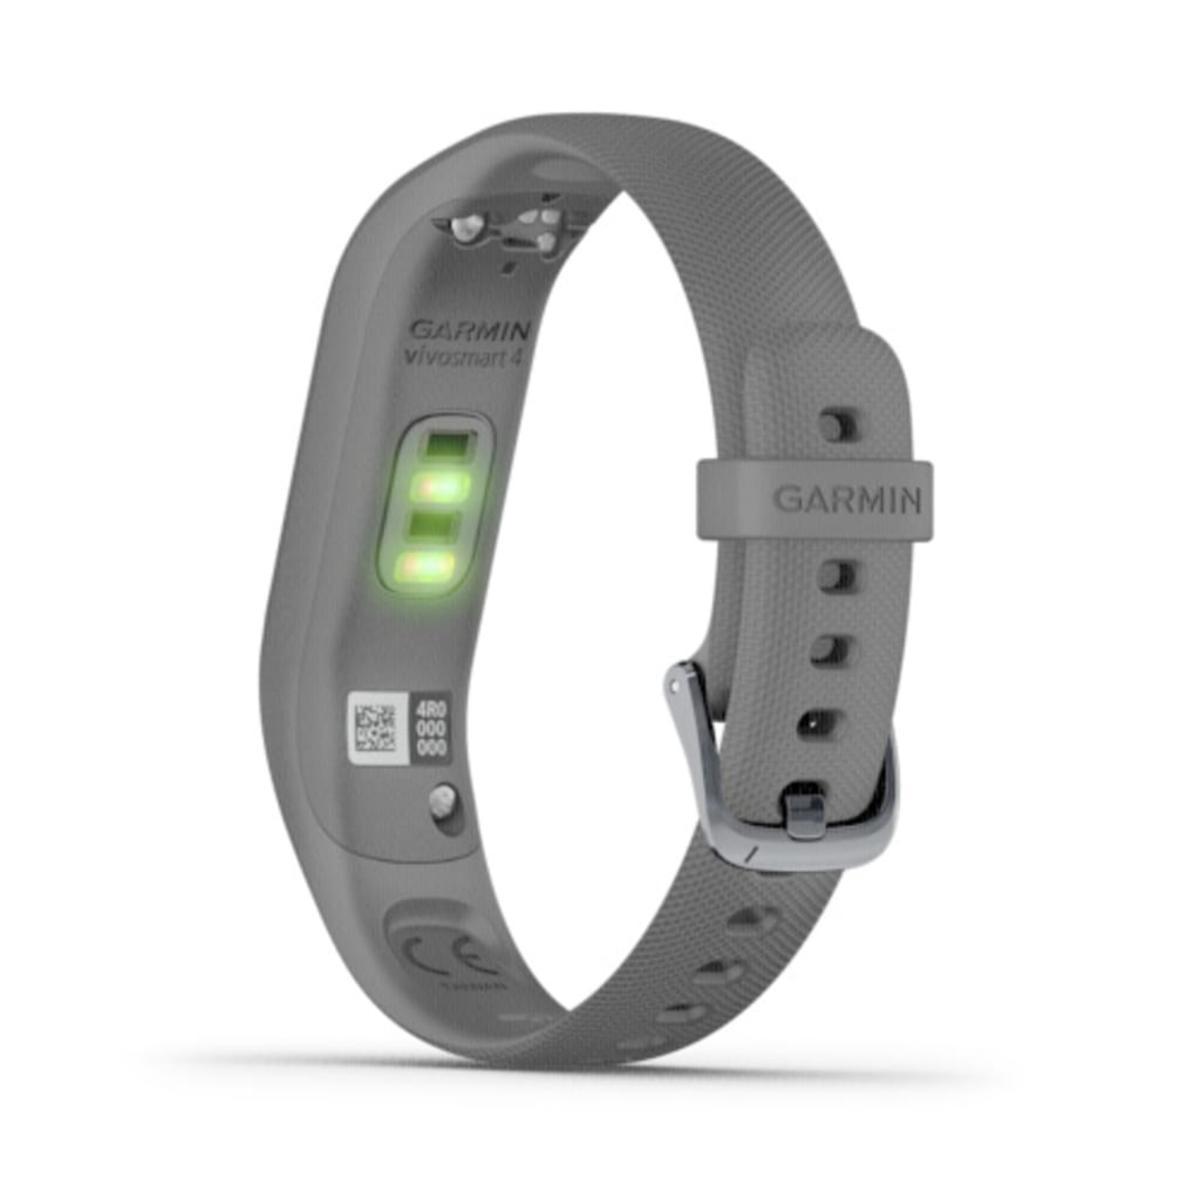 Bild 3 von Garmin Fitness Tracker Vivosmart 4 schwarz - Größe S/M wasserdicht Bluetooth ANT